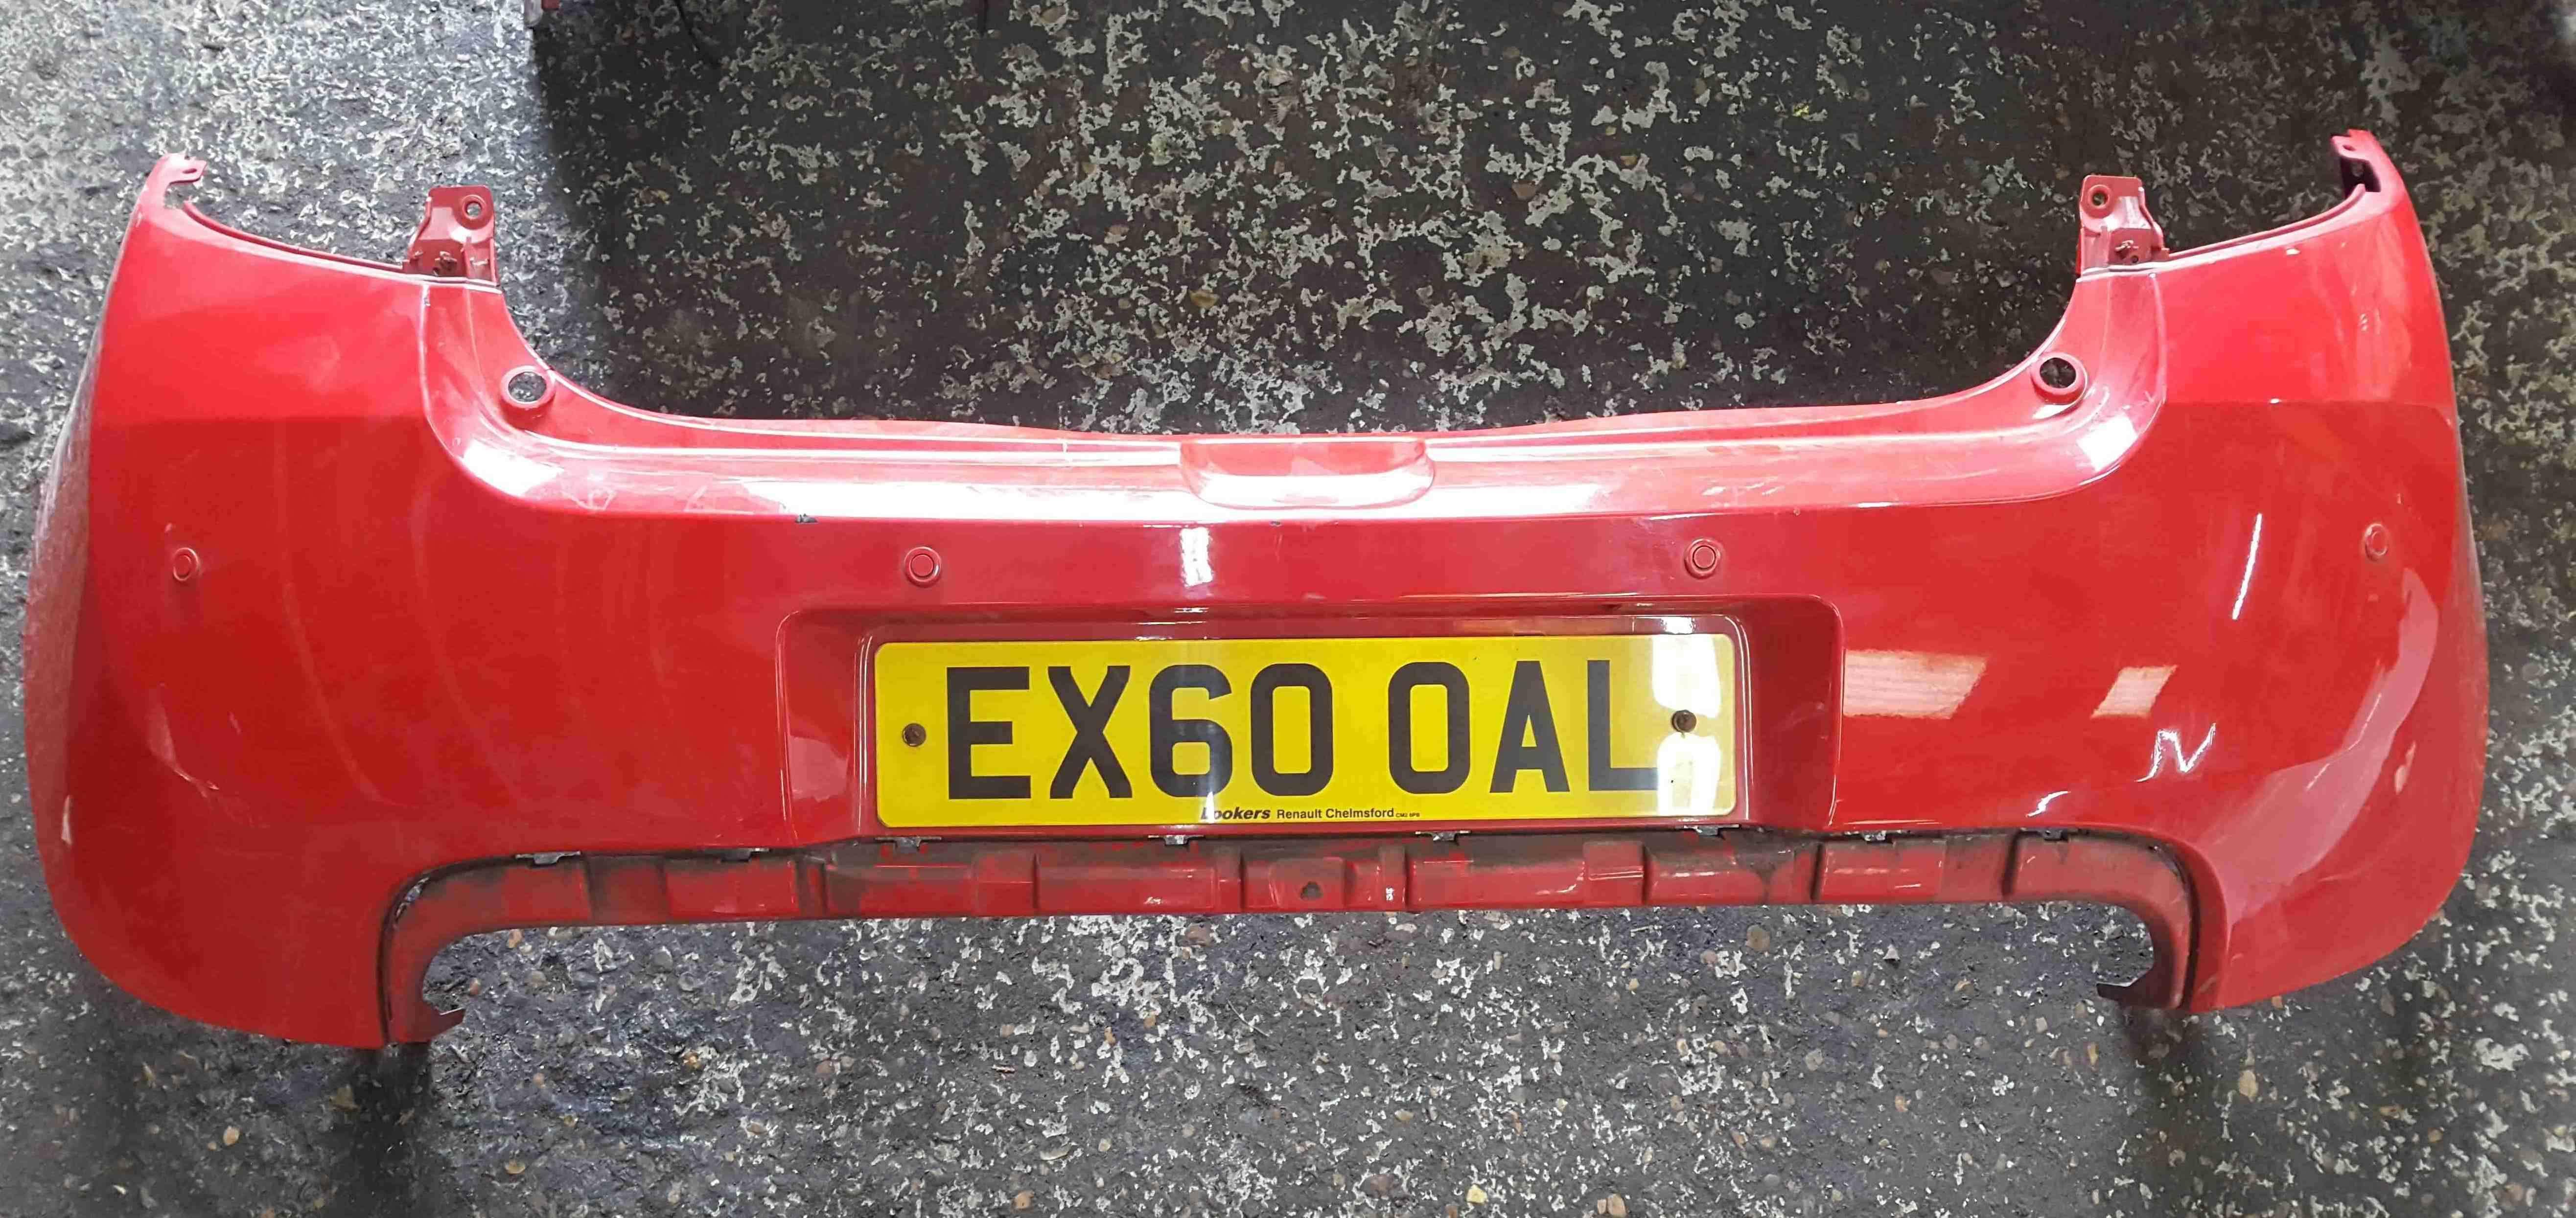 Renault Clio Sport MK3 2009-2012 200 Rear Bumper Red OVNNF + Parking Sensors